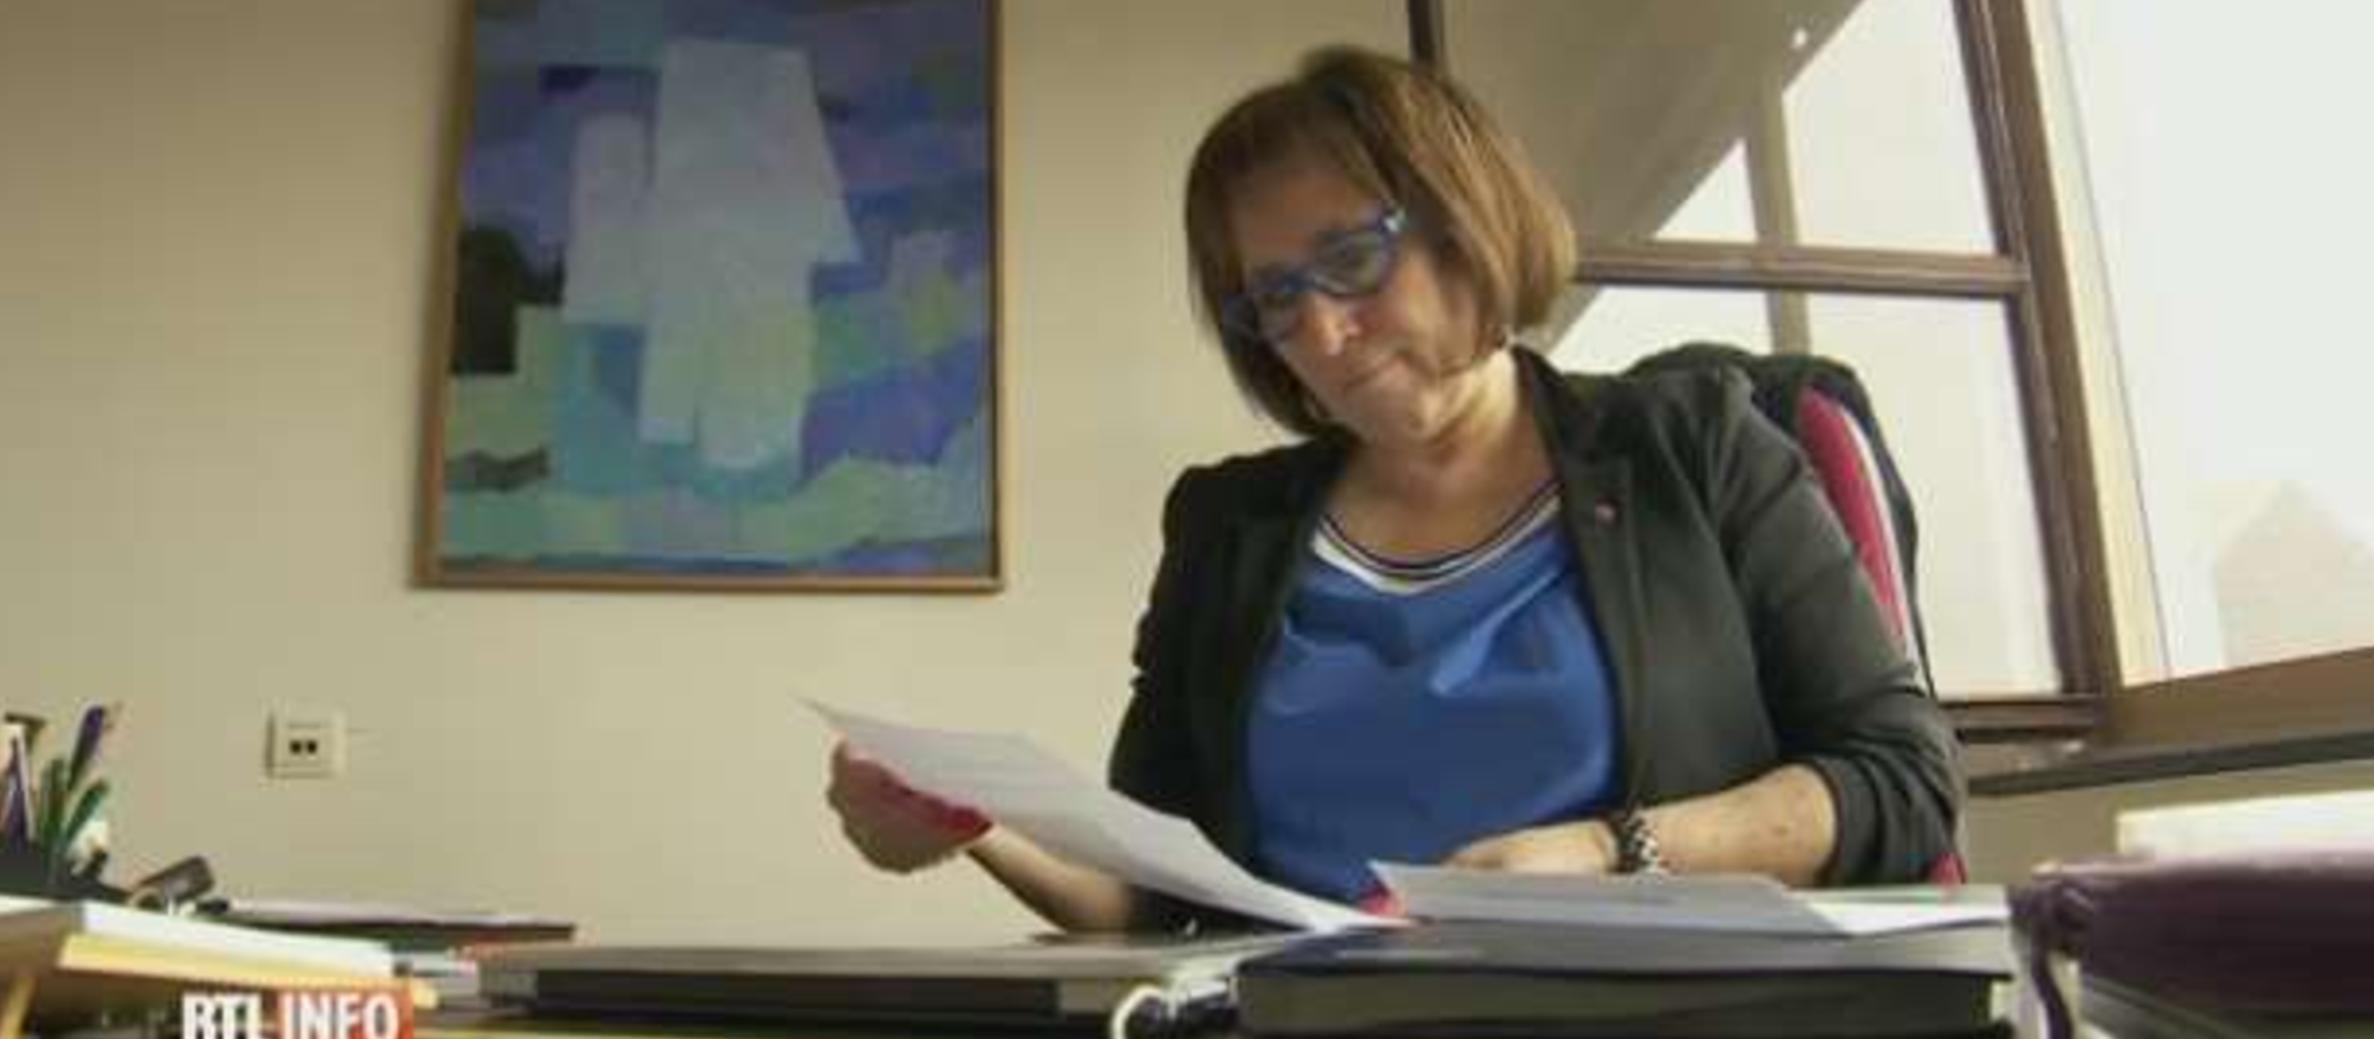 Belgium: Anti-Semitic threats made against MP